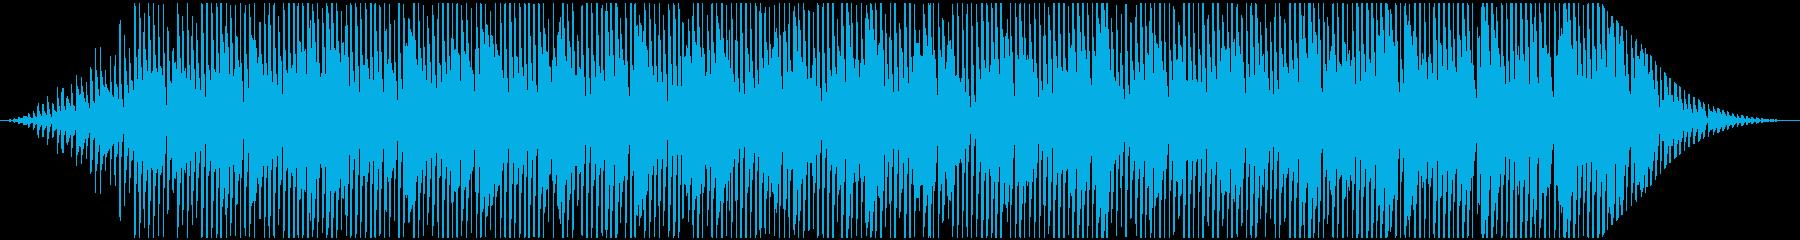 アナログシンセの粘りを使ったフレーズの再生済みの波形